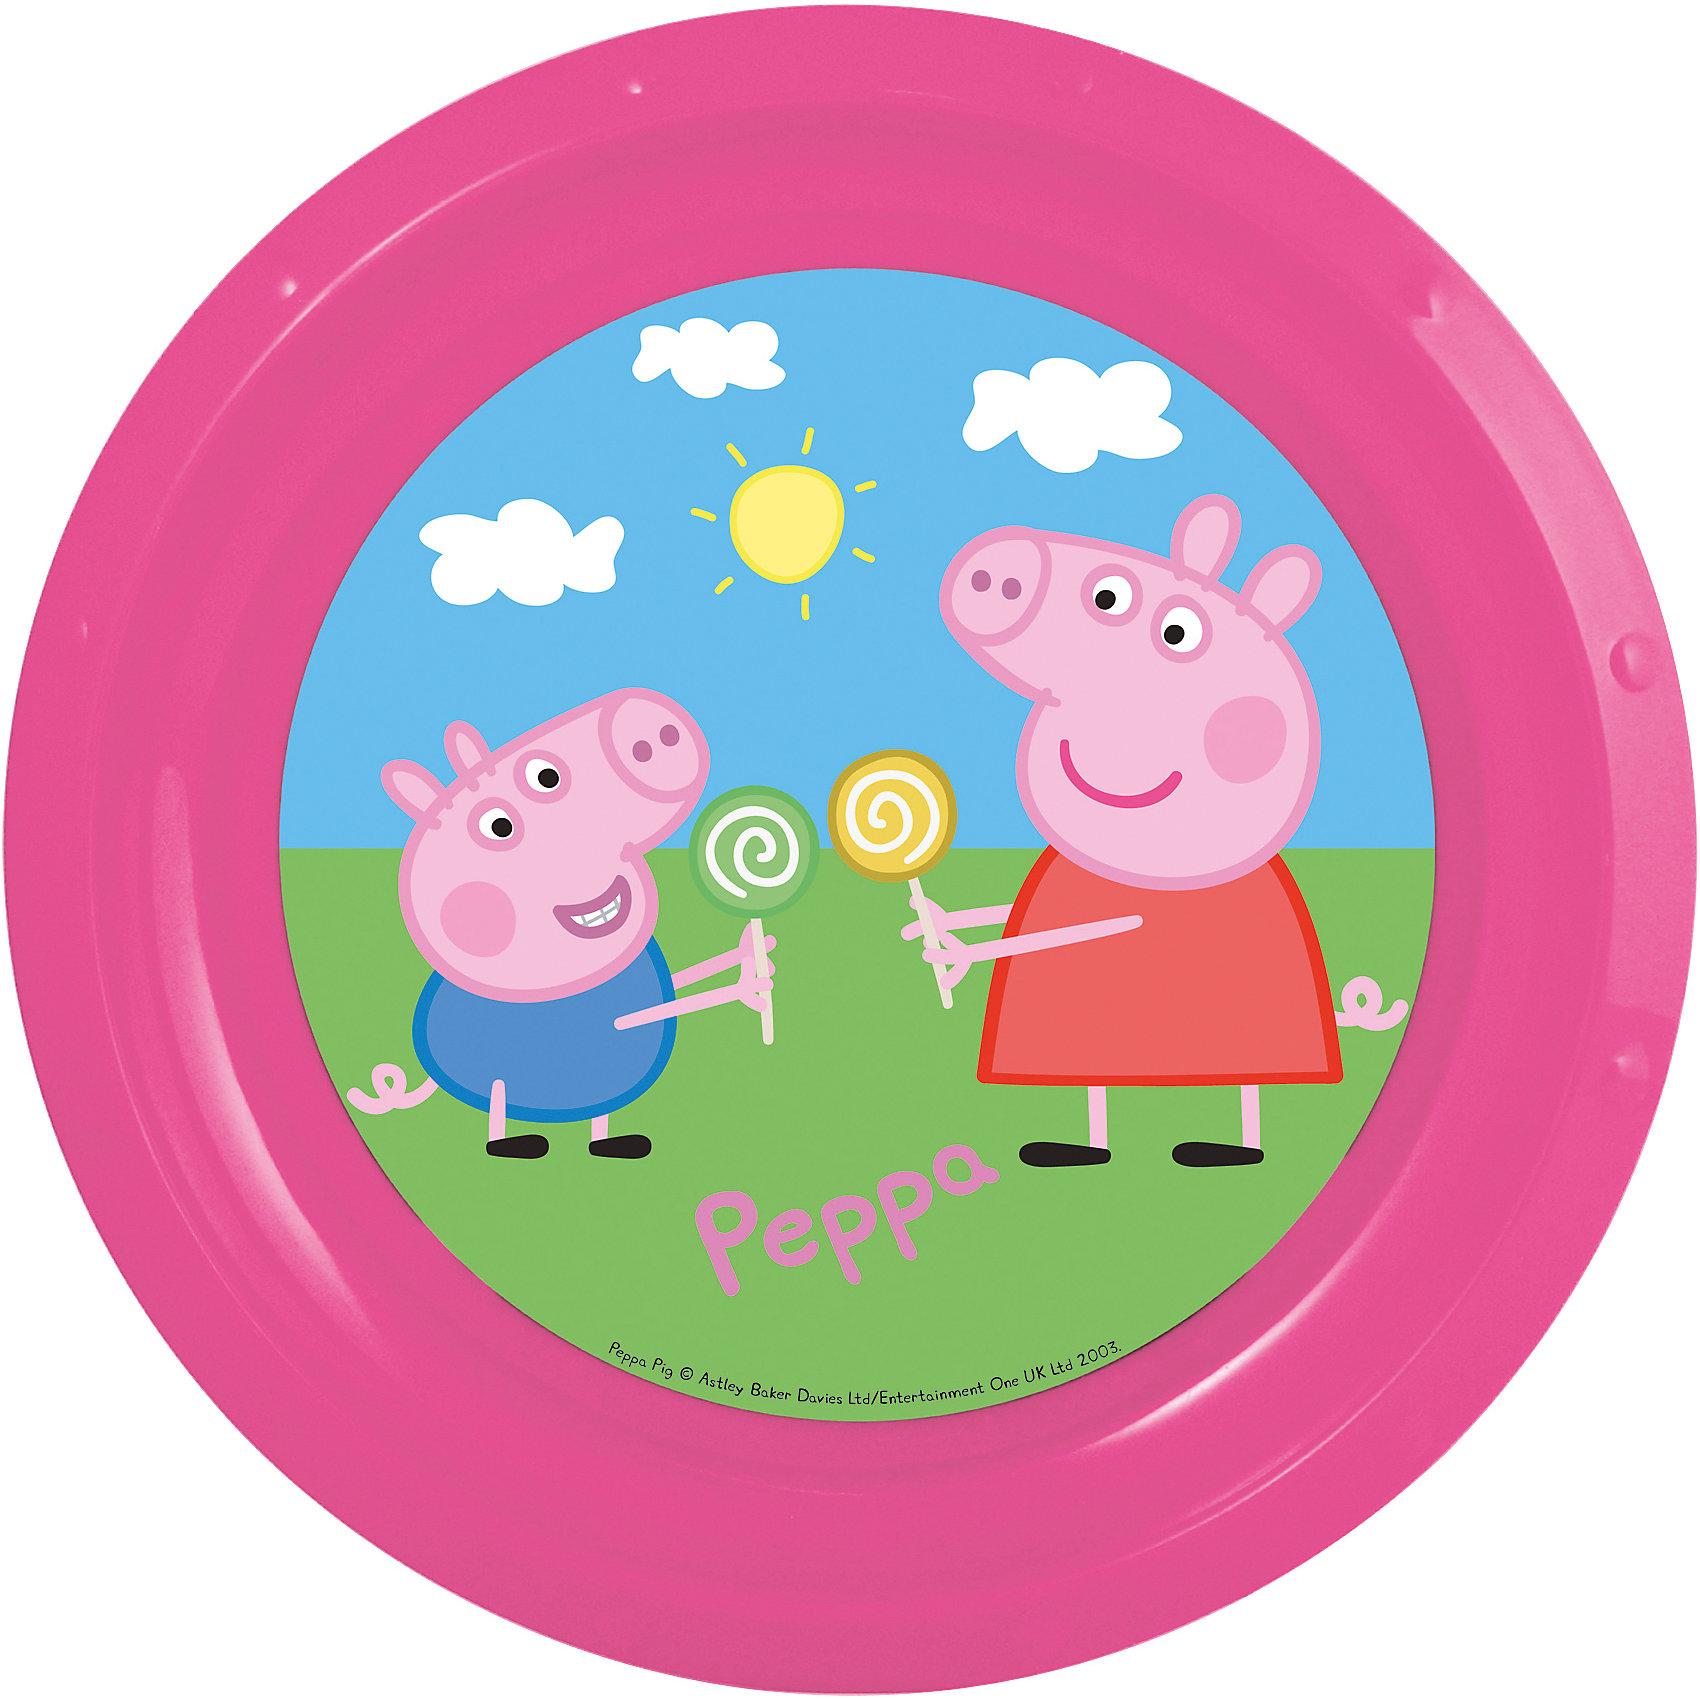 Тарелка Свинка Пеппа, диаметр 21,5 смСвинка Пеппа<br>Яркая пластиковая тарелка с изображением героев популярного мультфильма «Свинка Пеппа», отличается высоким качеством пластика, безопасна для здоровья ребенка. <br><br>Дополнительная информация:<br><br>- размер изделия — 21.5*21.5*1.9 см.<br><br>Тарелку Свинка Пеппа, диаметром 21,5 см можно купить в нашем интернет-магазине.<br><br>Ширина мм: 215<br>Глубина мм: 215<br>Высота мм: 19<br>Вес г: 43<br>Возраст от месяцев: 36<br>Возраст до месяцев: 84<br>Пол: Унисекс<br>Возраст: Детский<br>SKU: 4536190